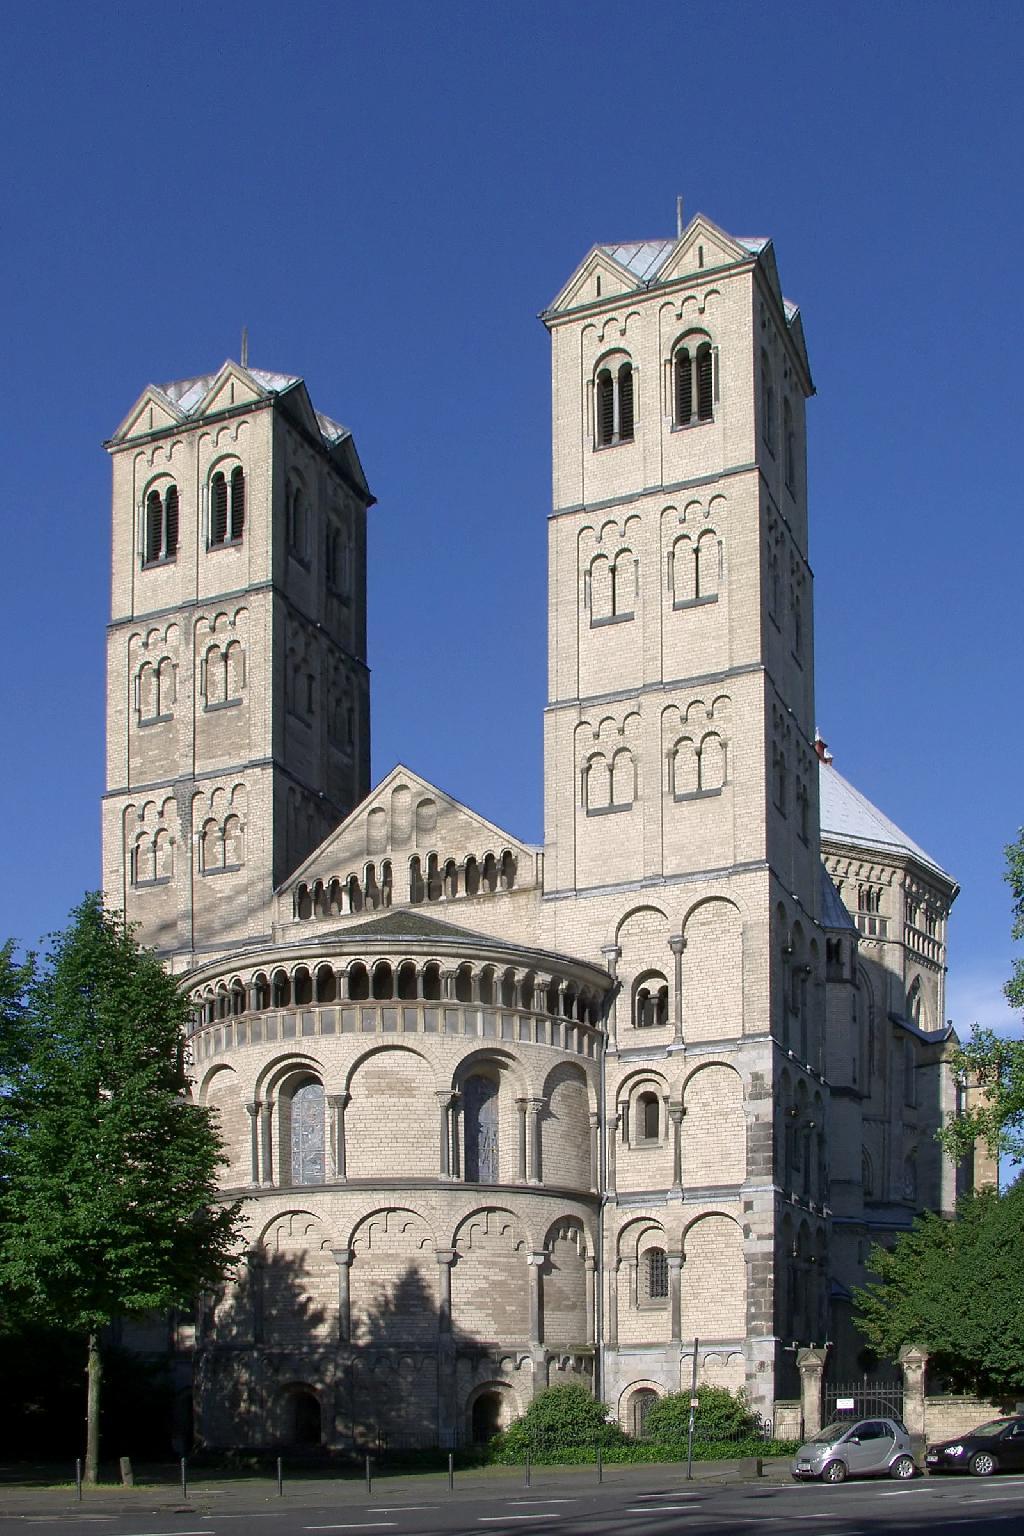 Basilika St. Gereon